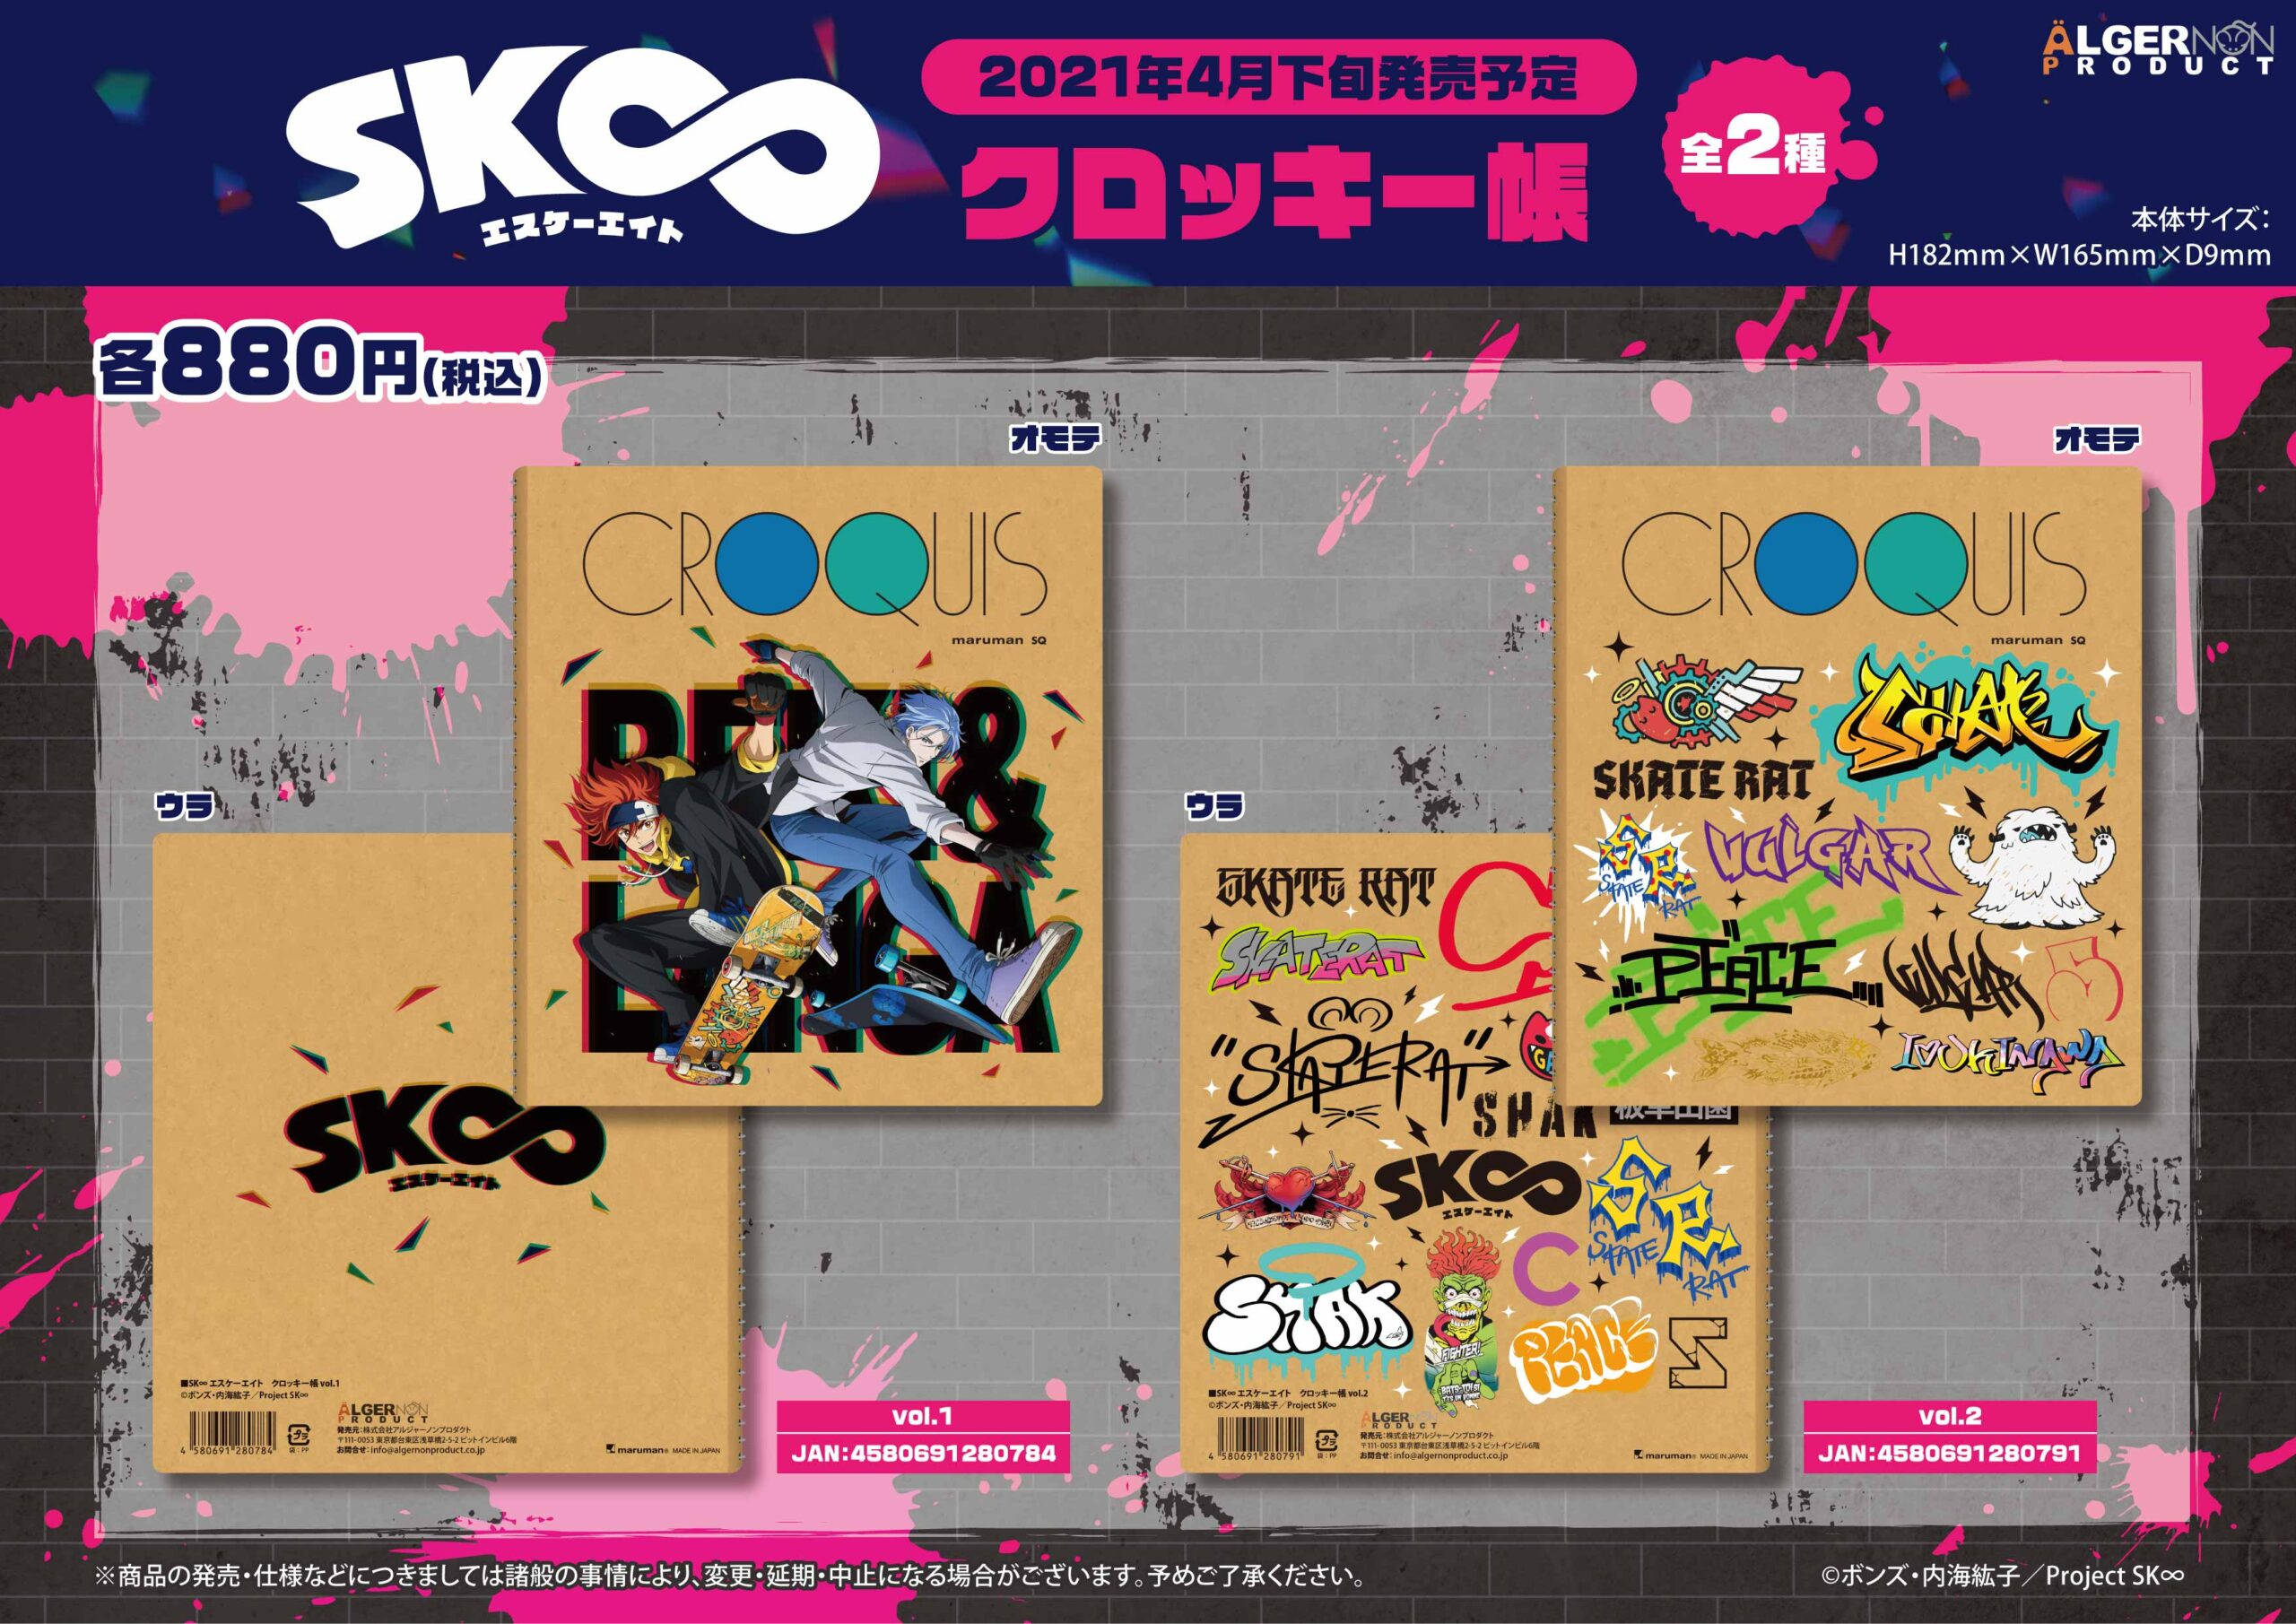 SK8_クロッキー帳_POP